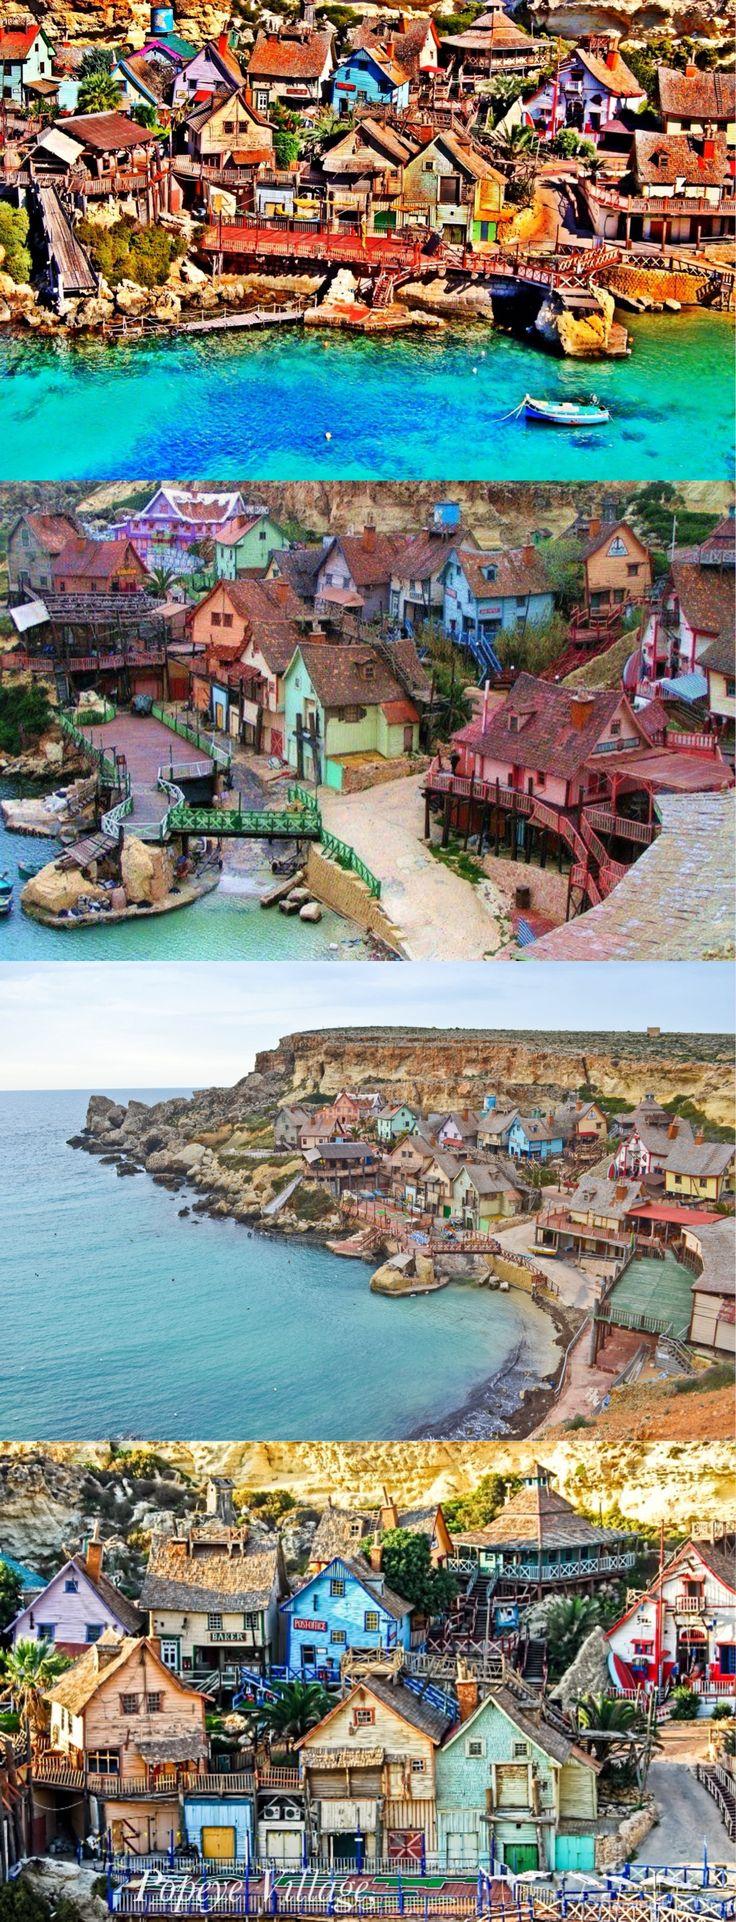 La aldea de Popeye, también conocida como aldea de Sweethaven, es un grupo de edificios rústicos y destartalados de madera situados en la bahía del ancla en la esquina del noroeste de la isla mediterránea de Malta, dos millas de la aldea de Mellieħa.